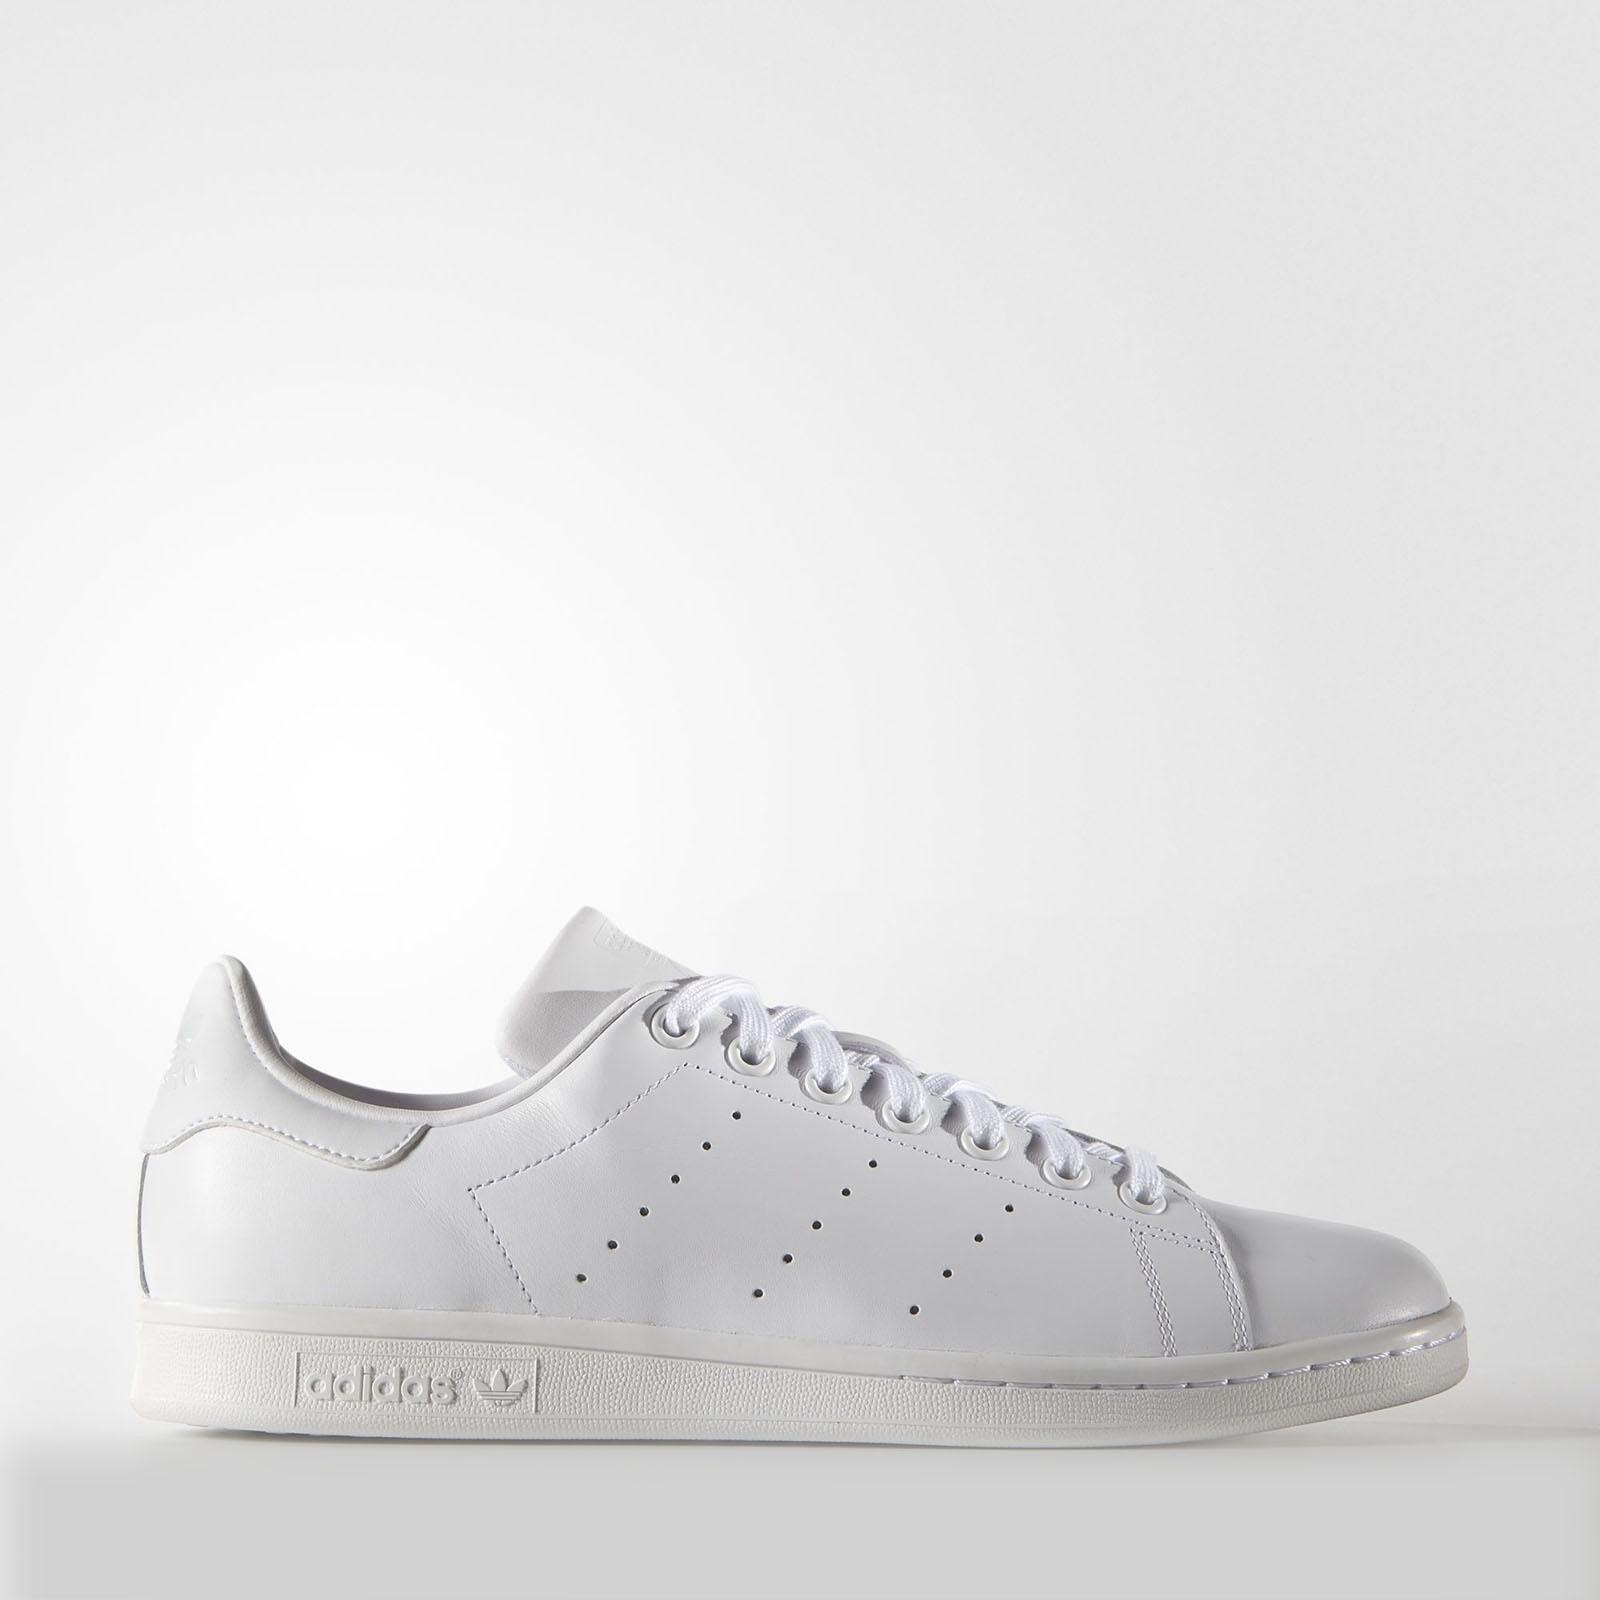 Adidas Originals Stan Smith [s75104] / hombres casual zapatos blanco / [s75104] blanco 0d3363